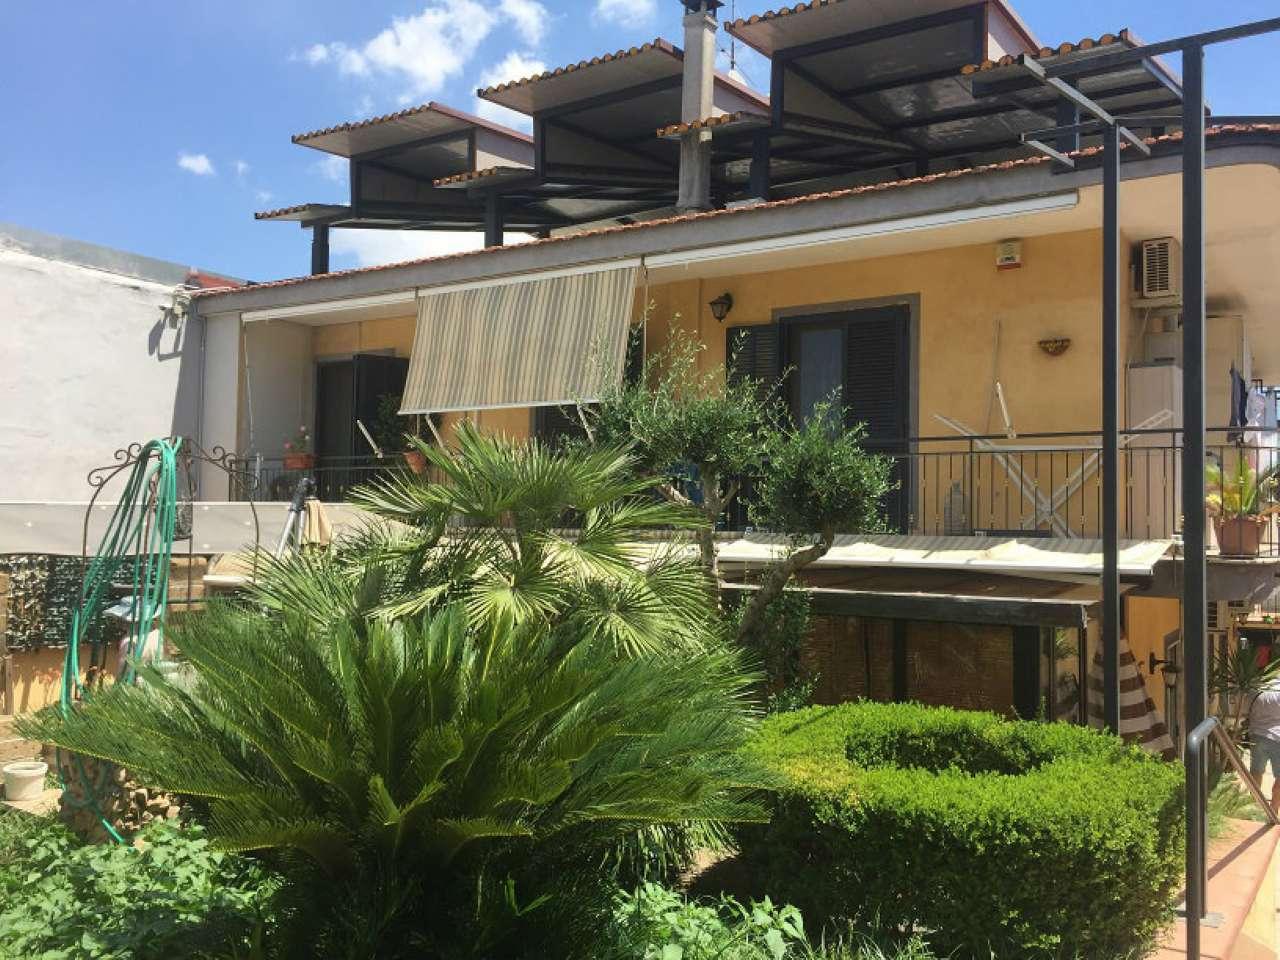 Soluzione Indipendente in vendita a Casalnuovo di Napoli, 10 locali, Trattative riservate | CambioCasa.it